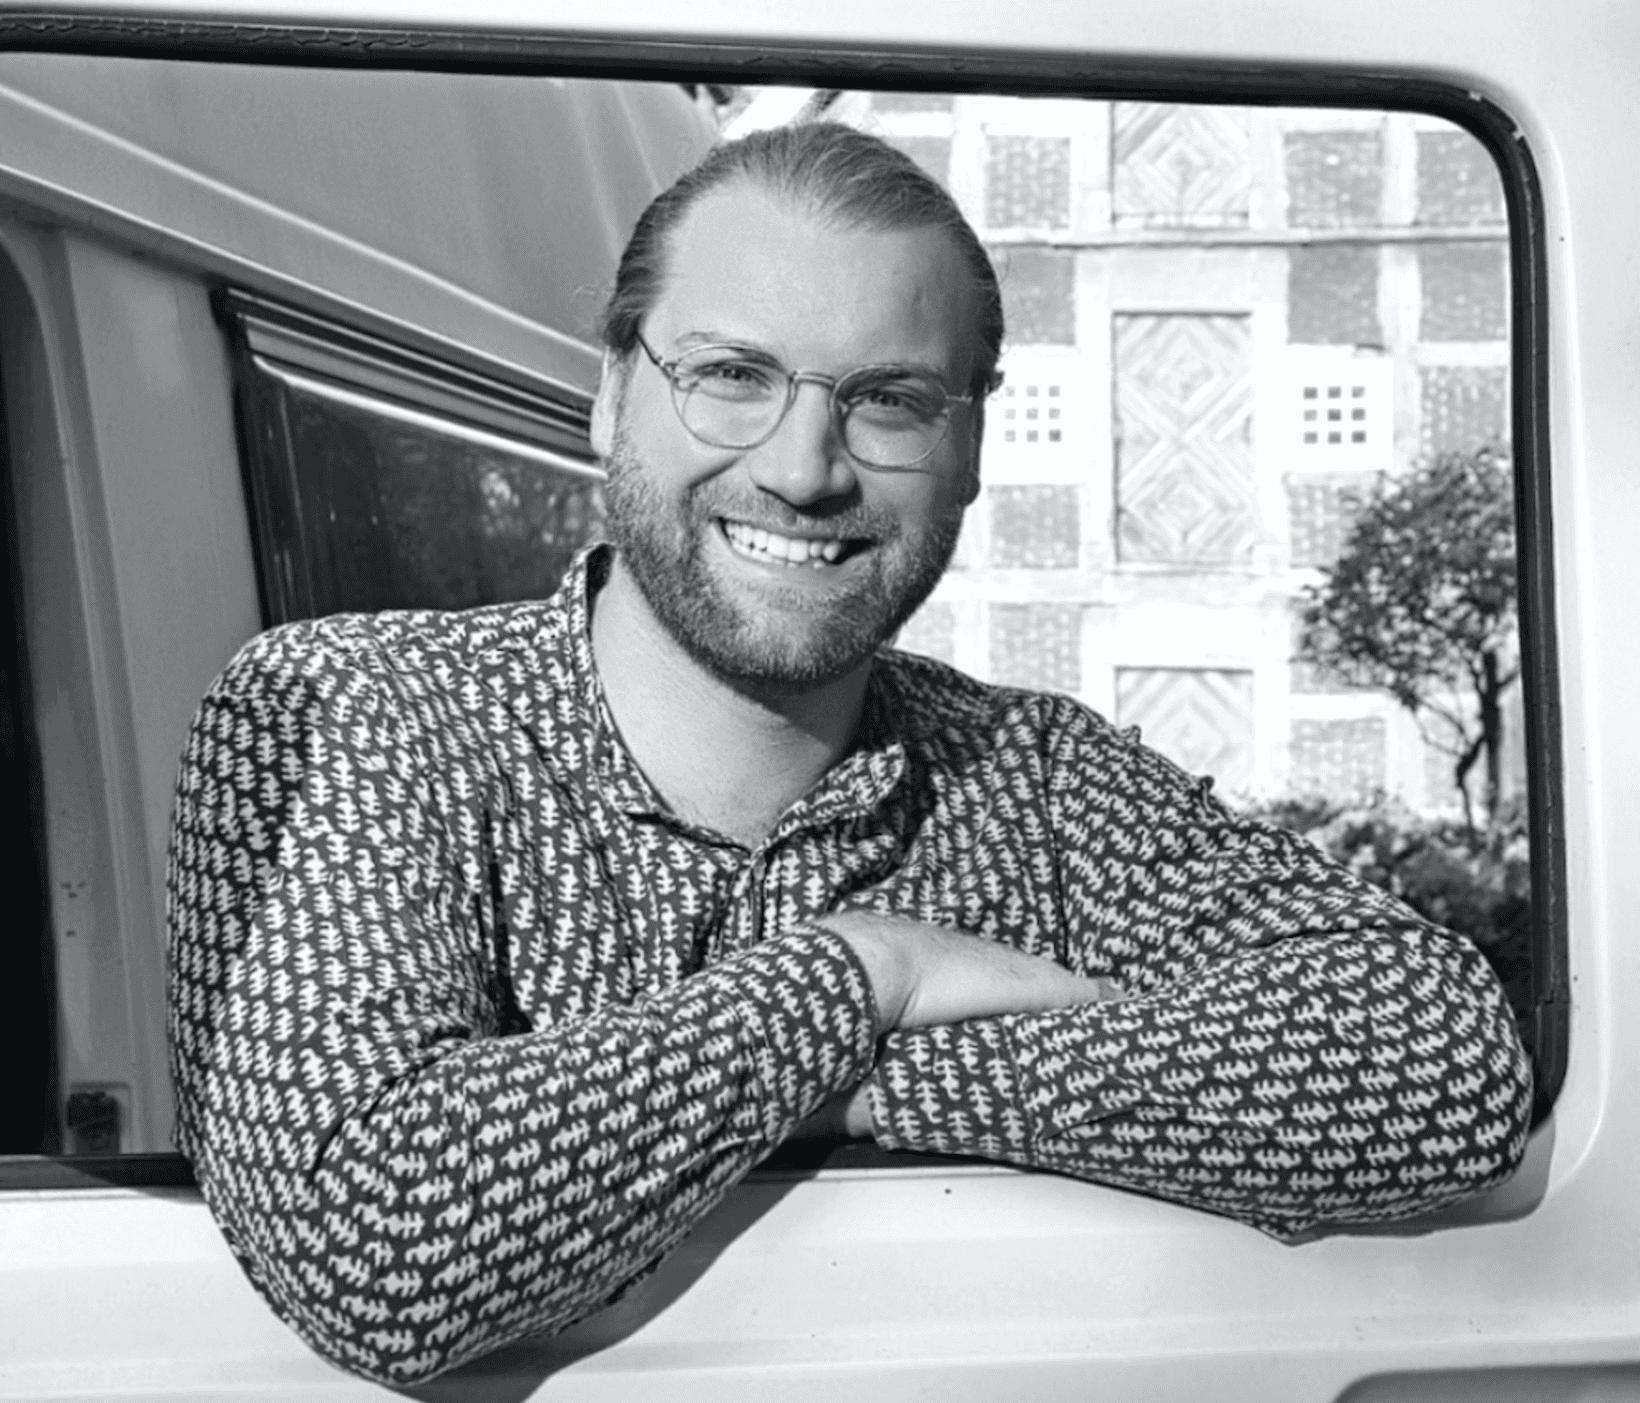 Marco Guido